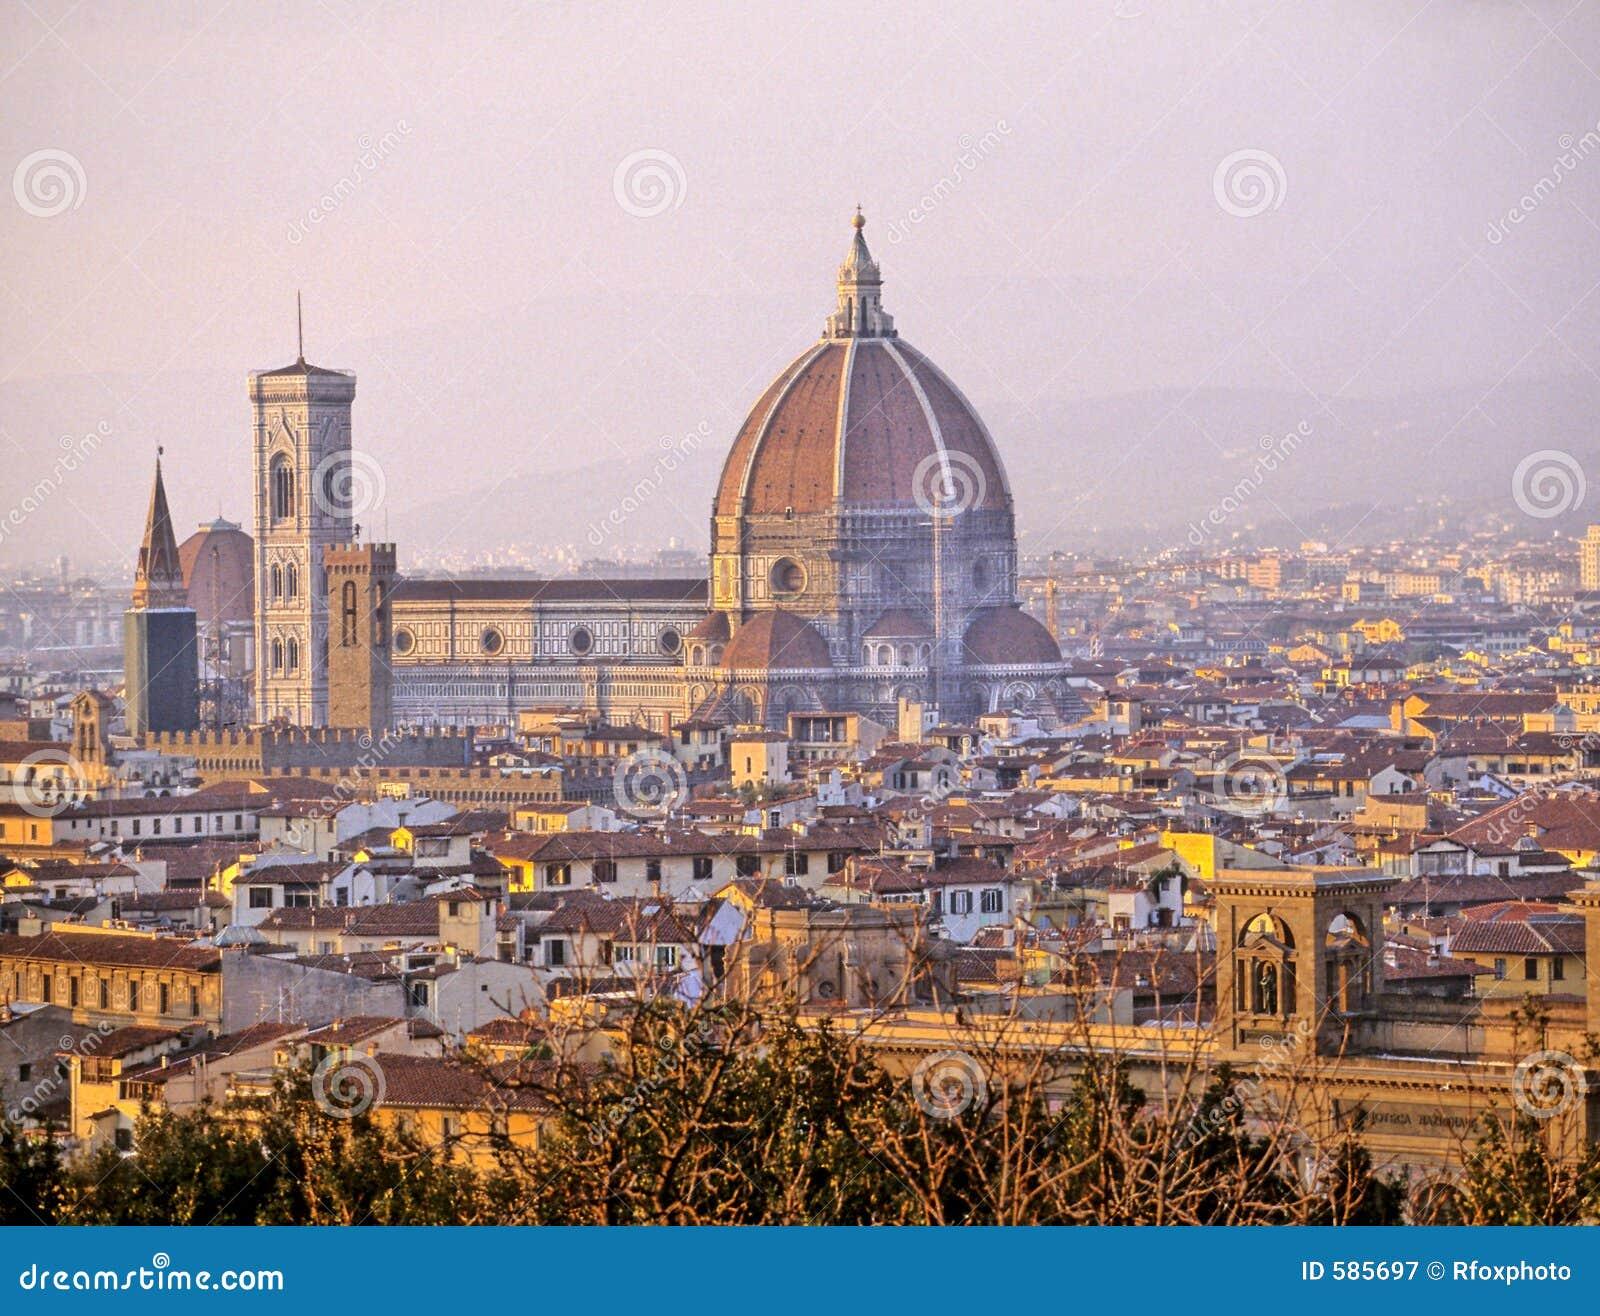 Duomo- Firenze, Italia